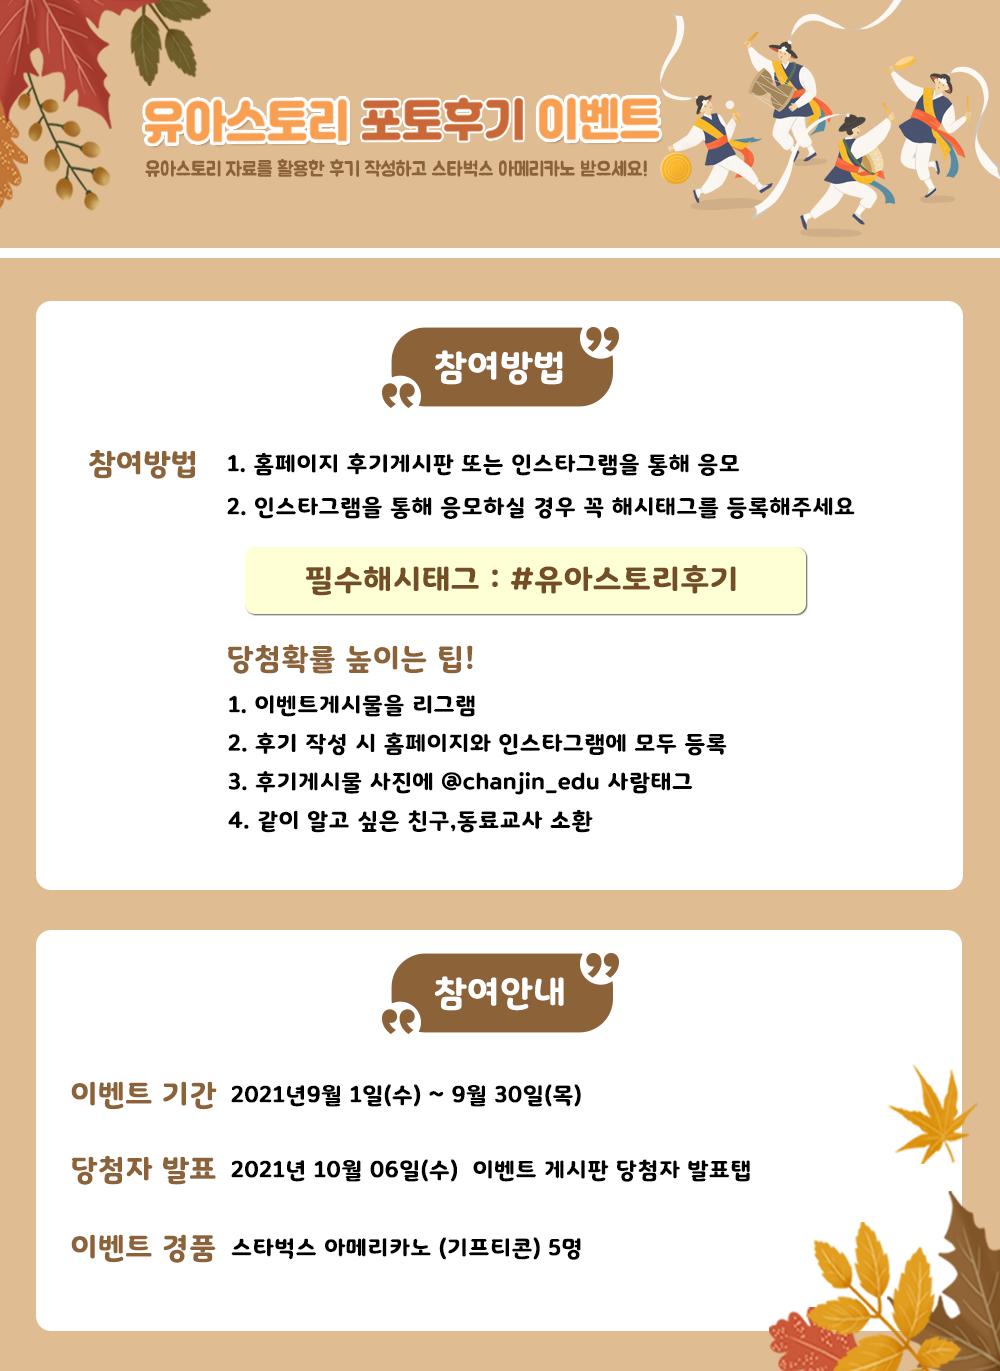 [포토후기] 9월 이벤트 포토후기 상세 (1000).png